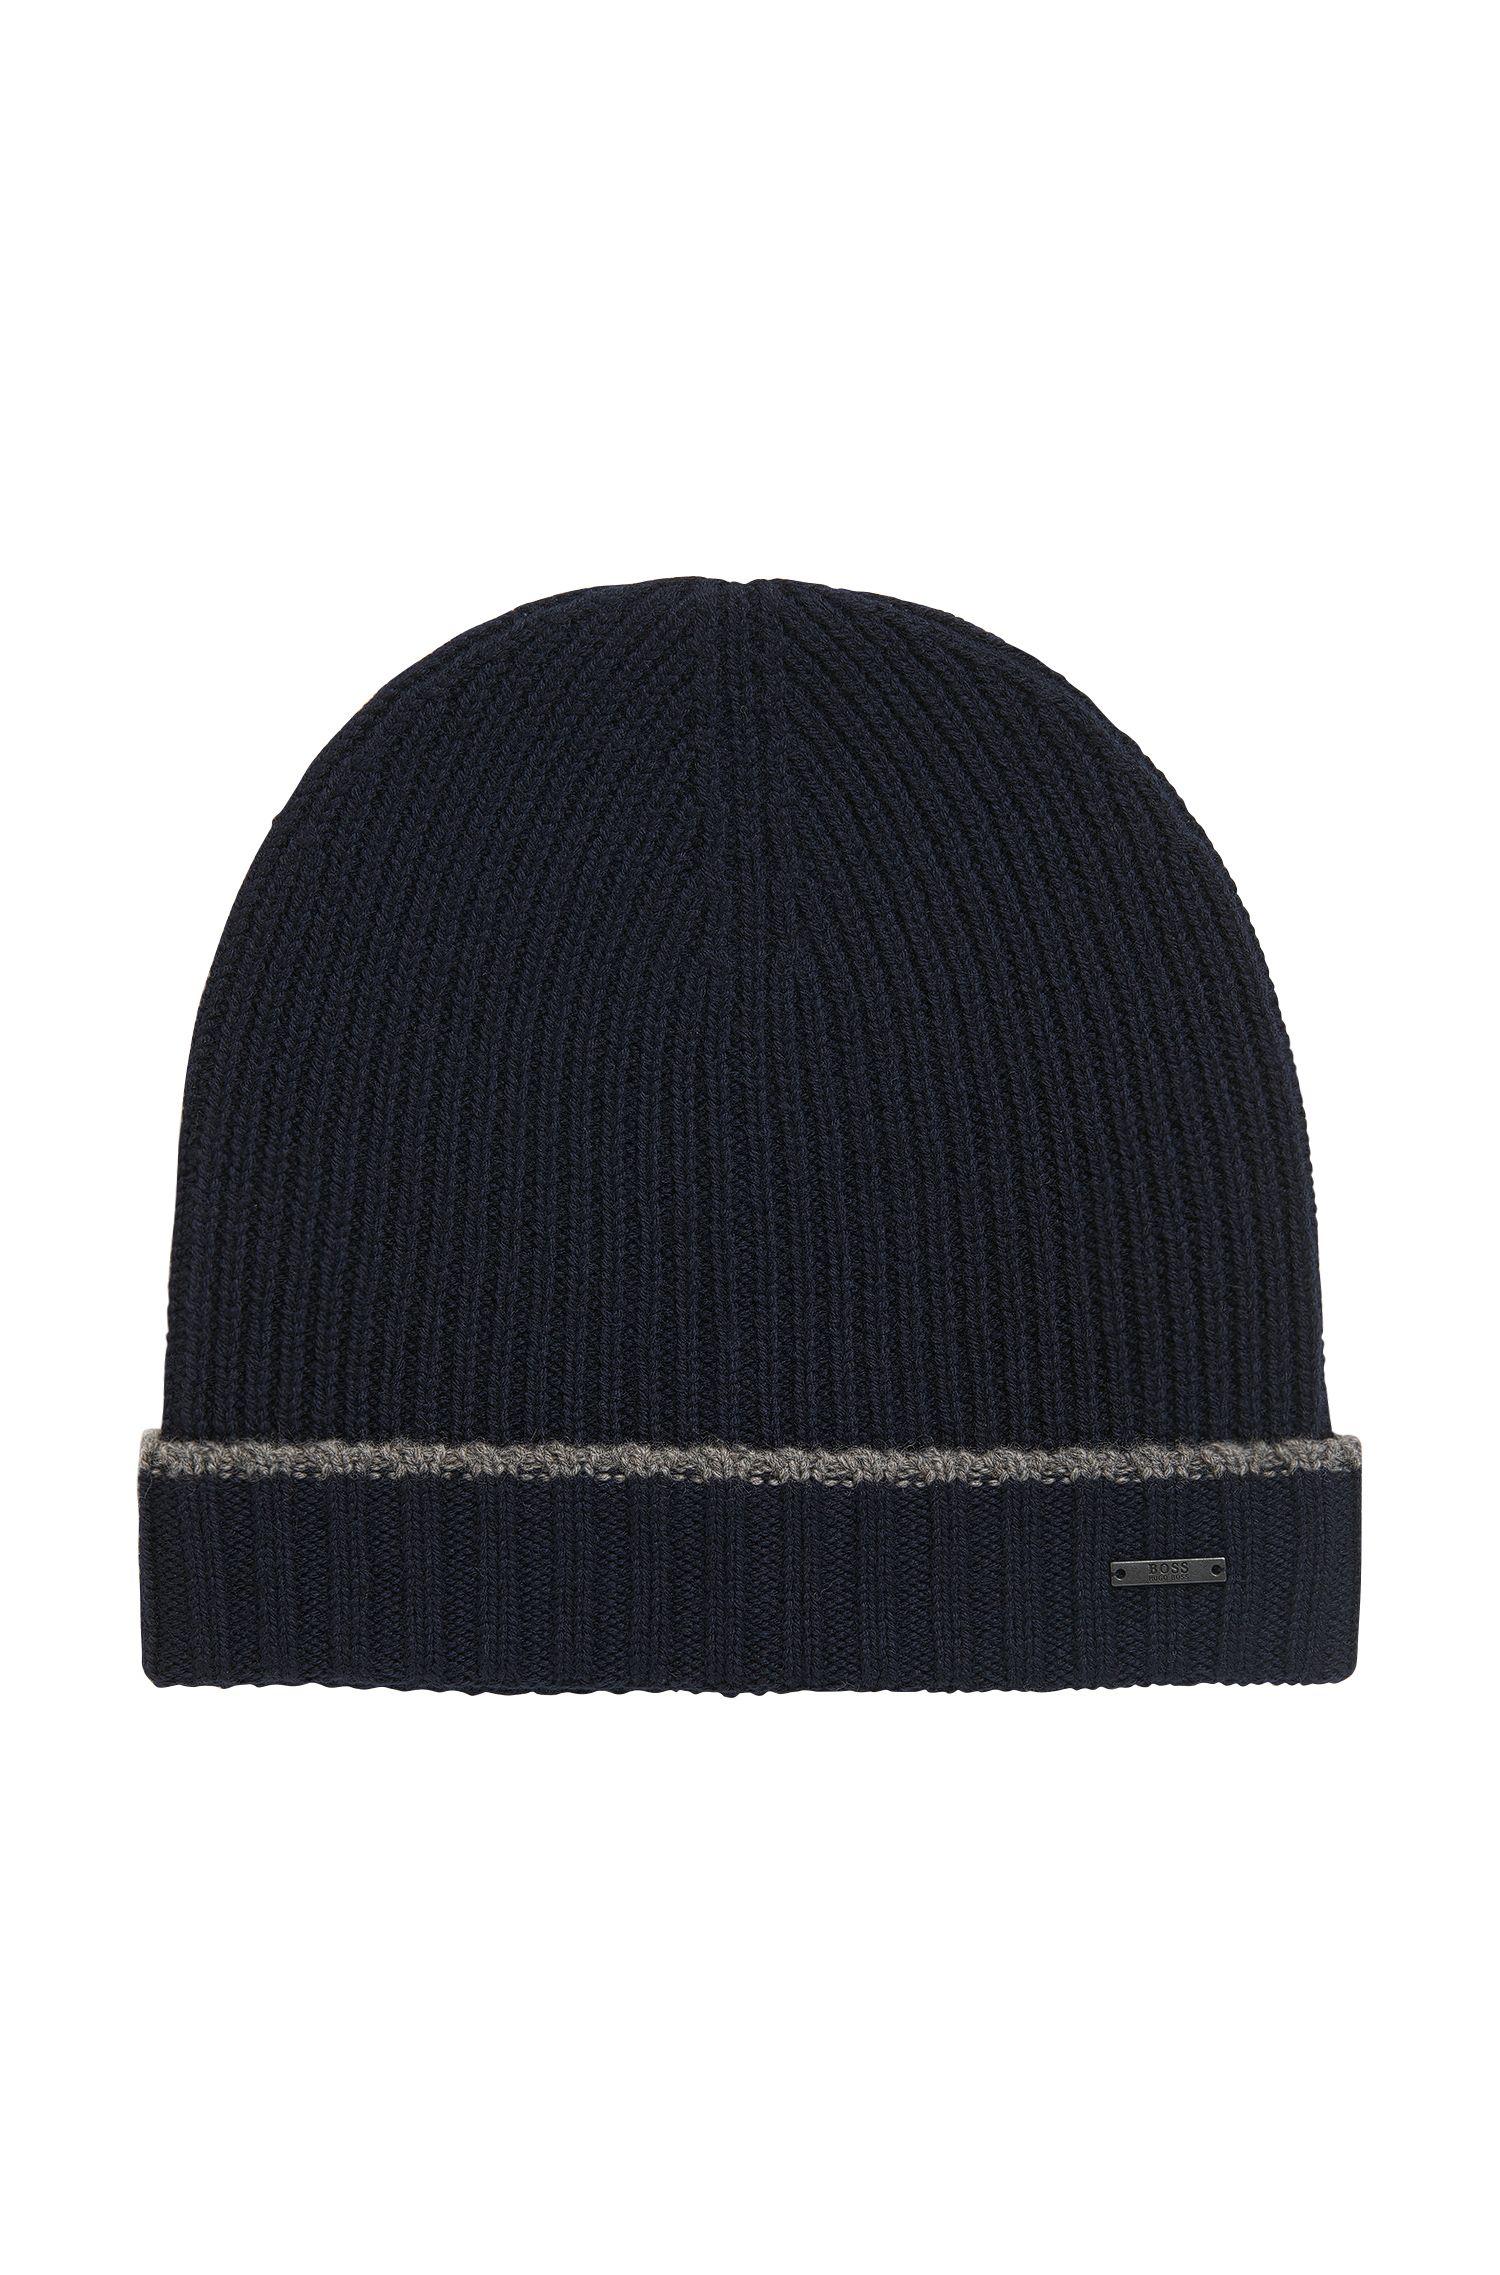 Bonnet en maille de laine vierge